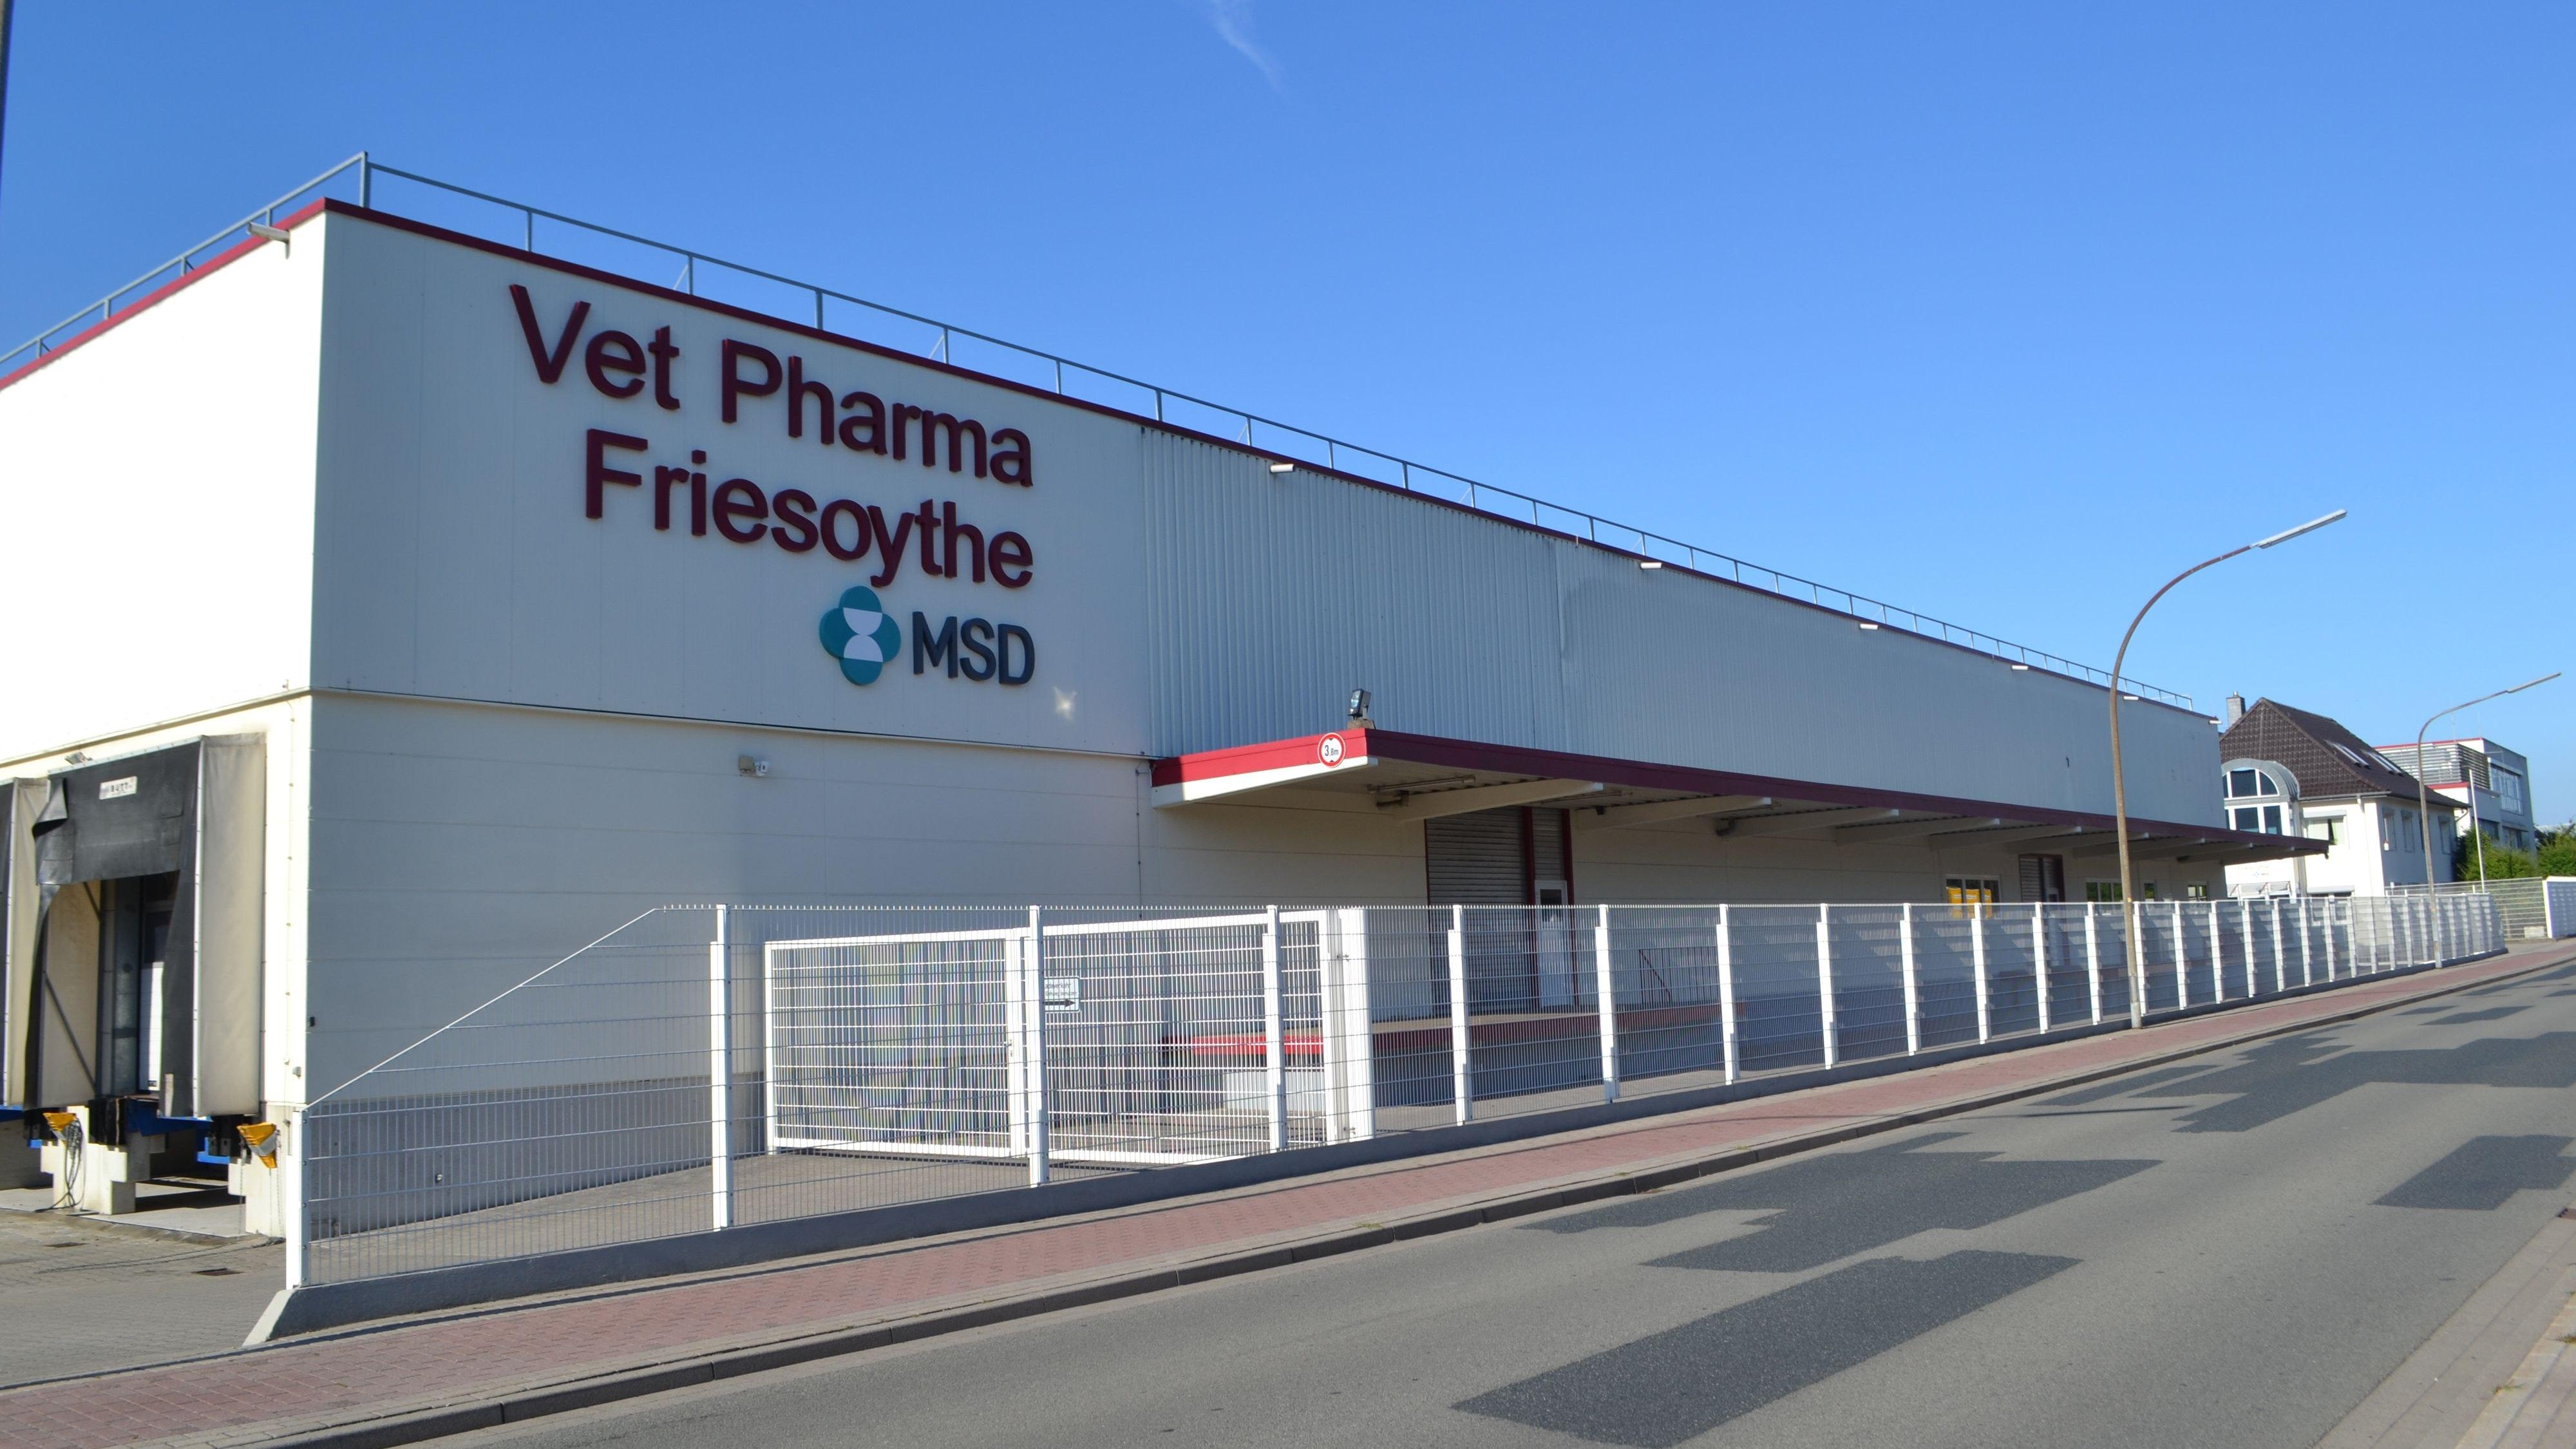 Vet Pharma wird beschuldigt, eine Chemikalie exportiert zu haben, die auch für die Vollstreckung der Todesstrafe eingesetzt werden kann. Foto: Stix